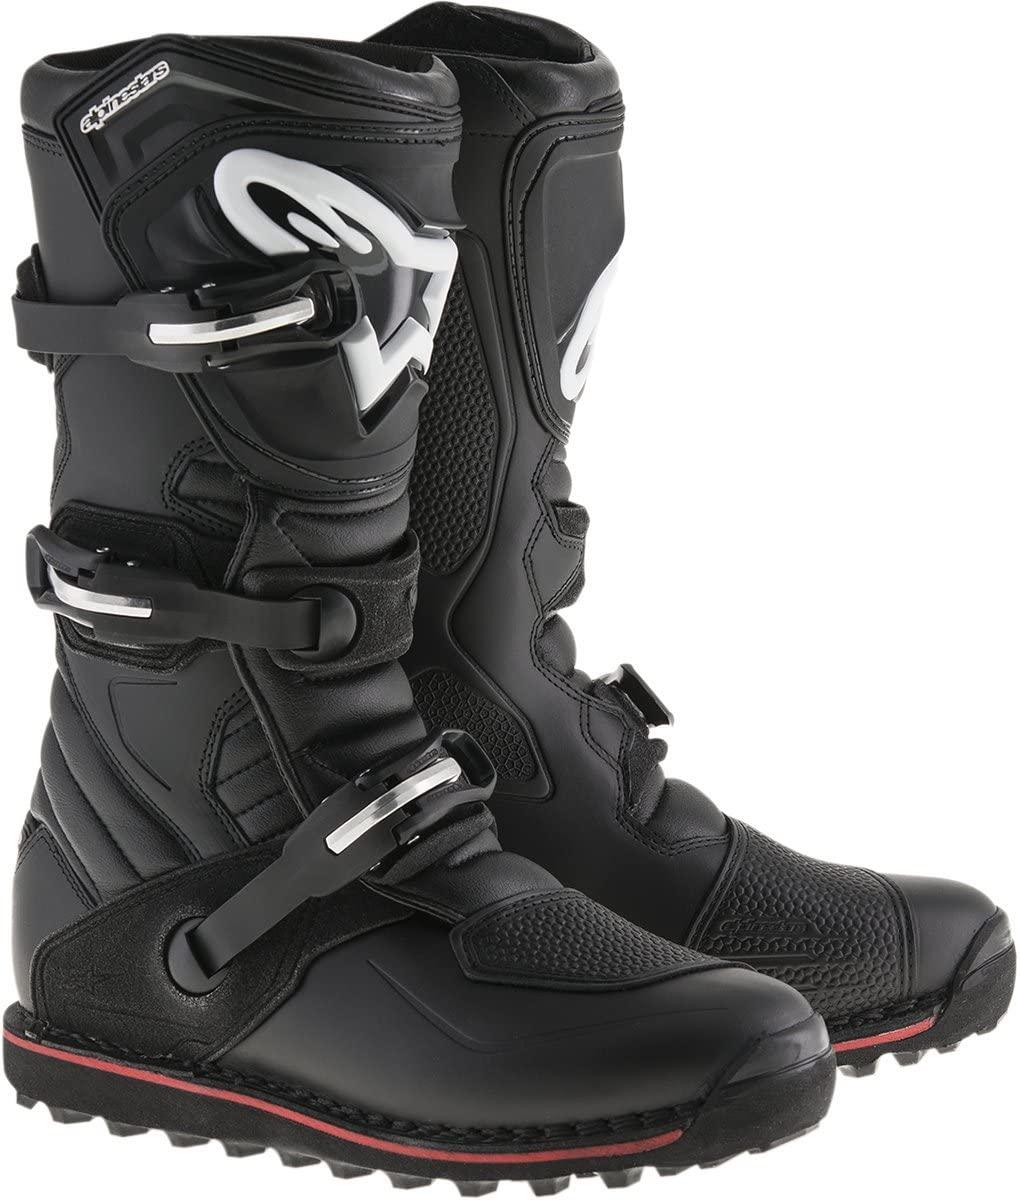 Alpinestars 2004017-13-9 Mens Tech T Motocross Boot, Black/Red, 9